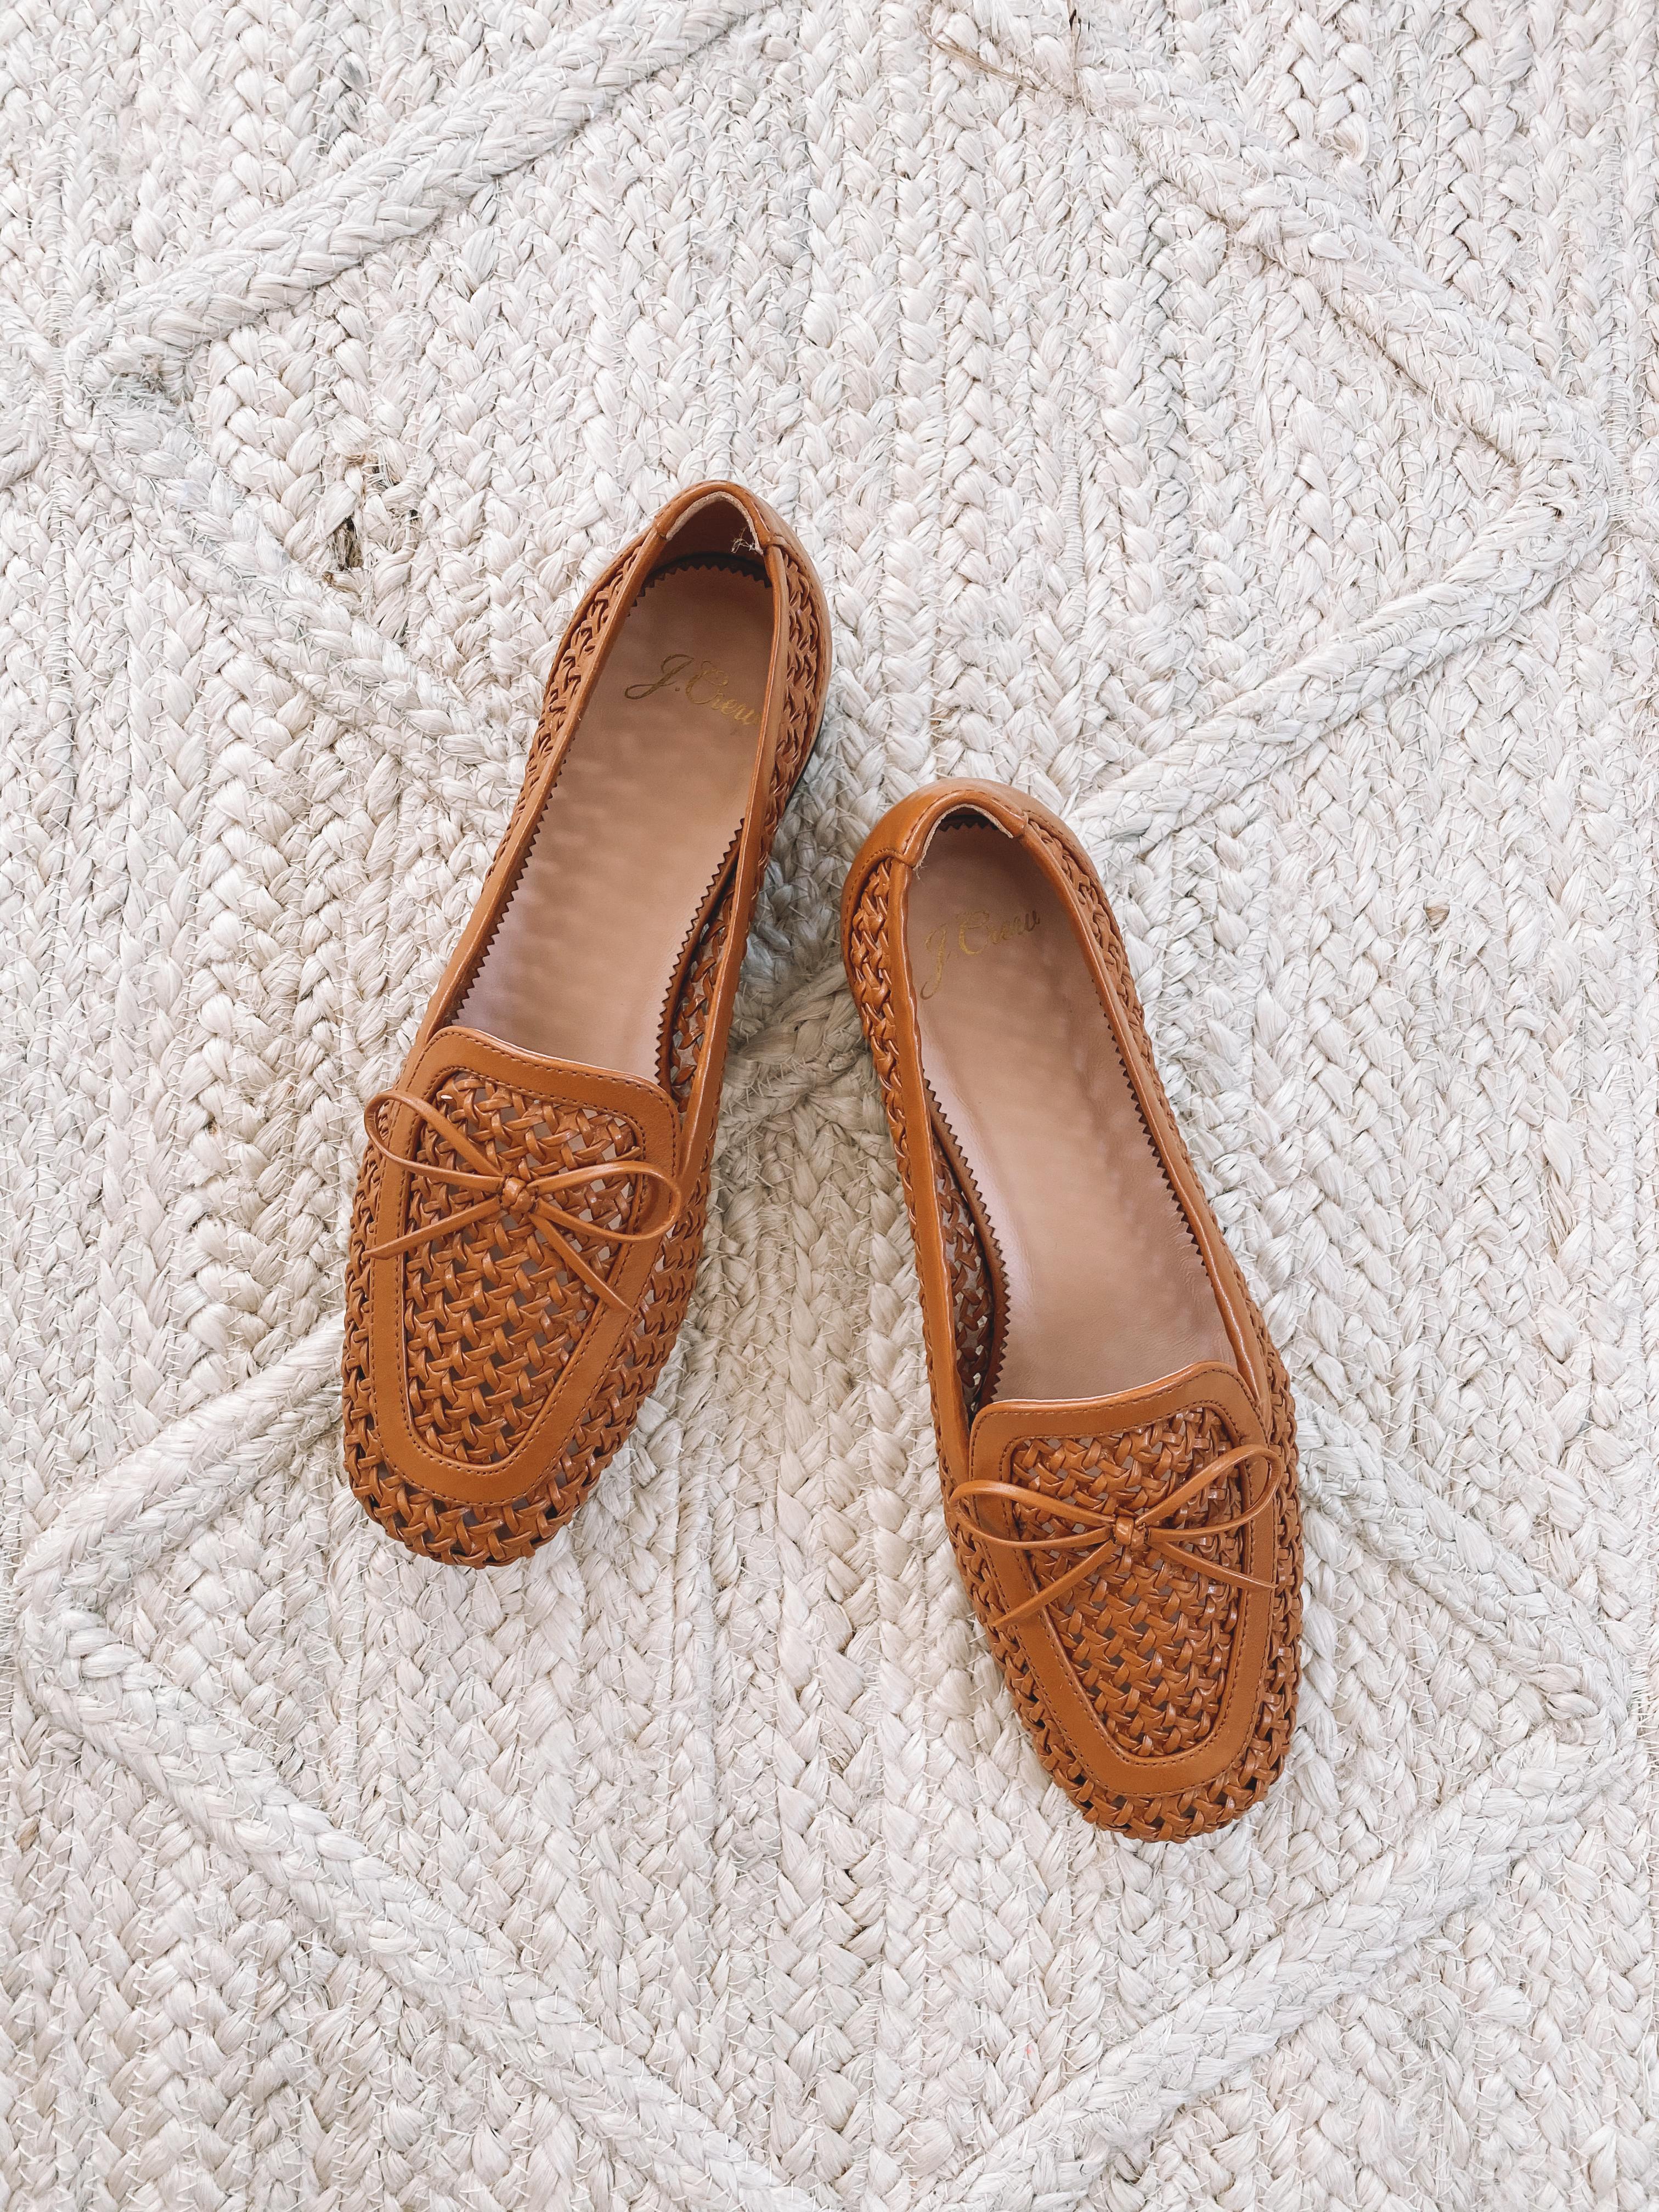 $50 J.Crew Shoes